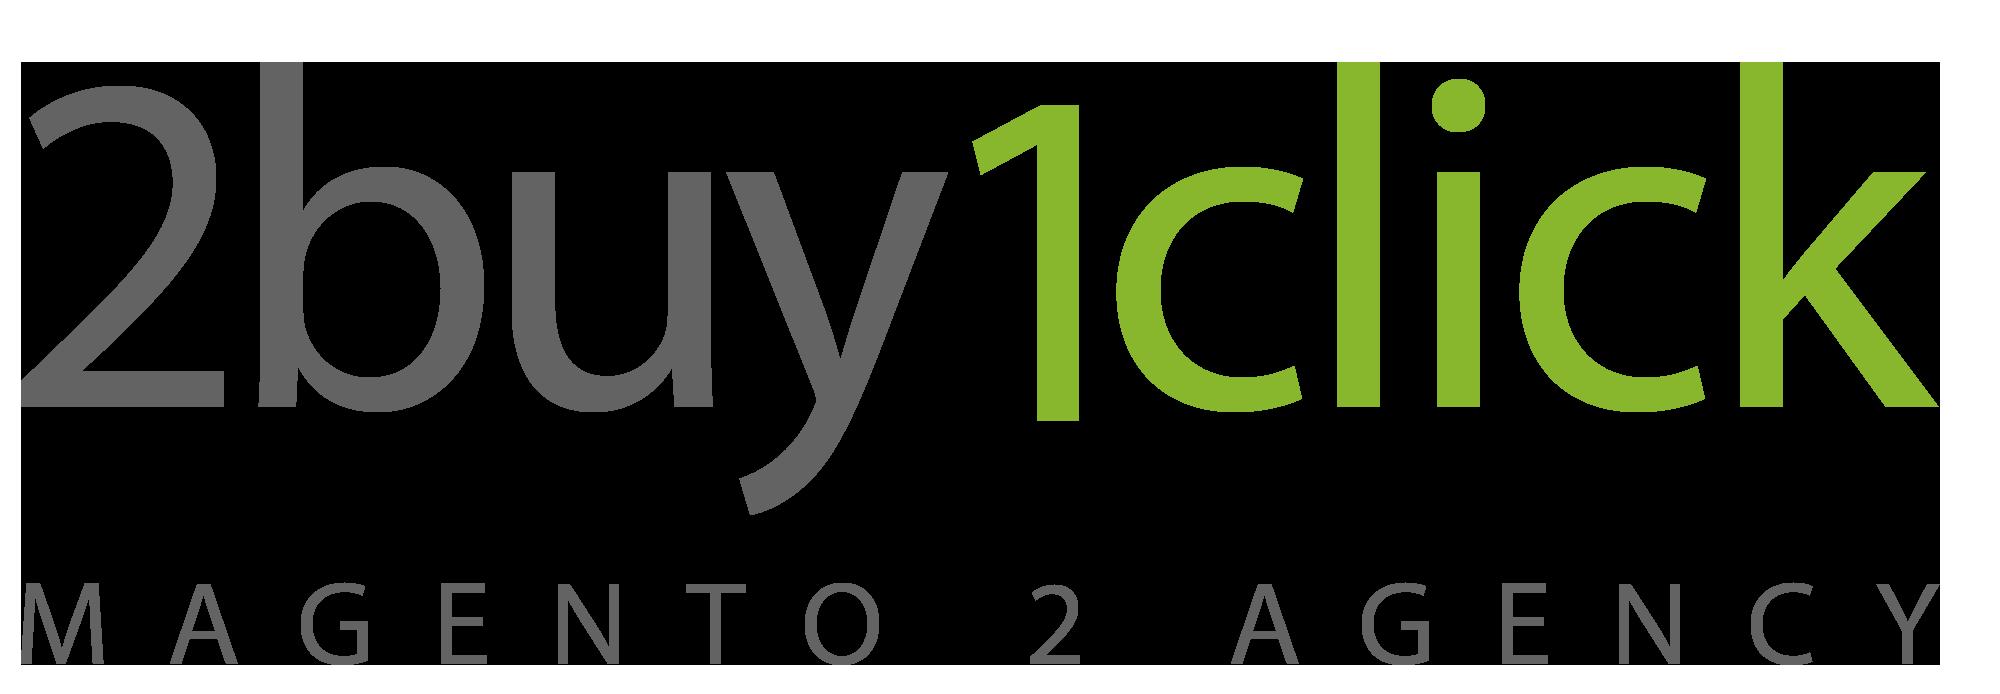 2buy1click Ltd